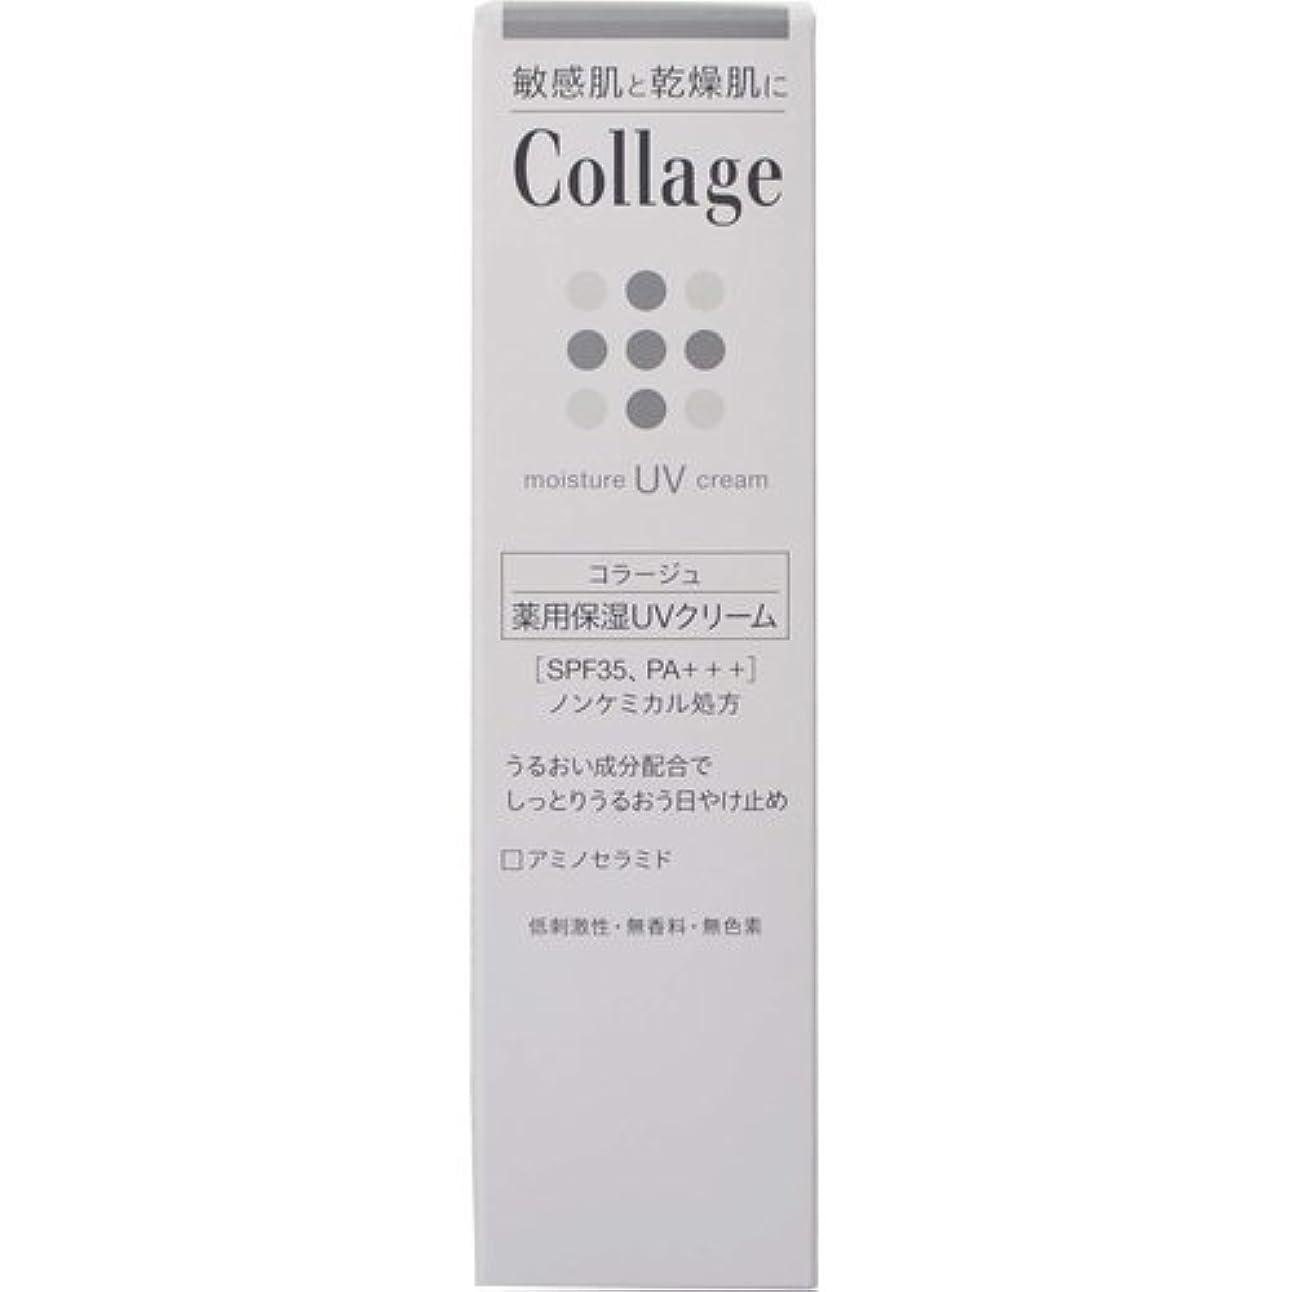 北へ痛いモートコラージュ 薬用保湿UVクリーム 30g 【医薬部外品】